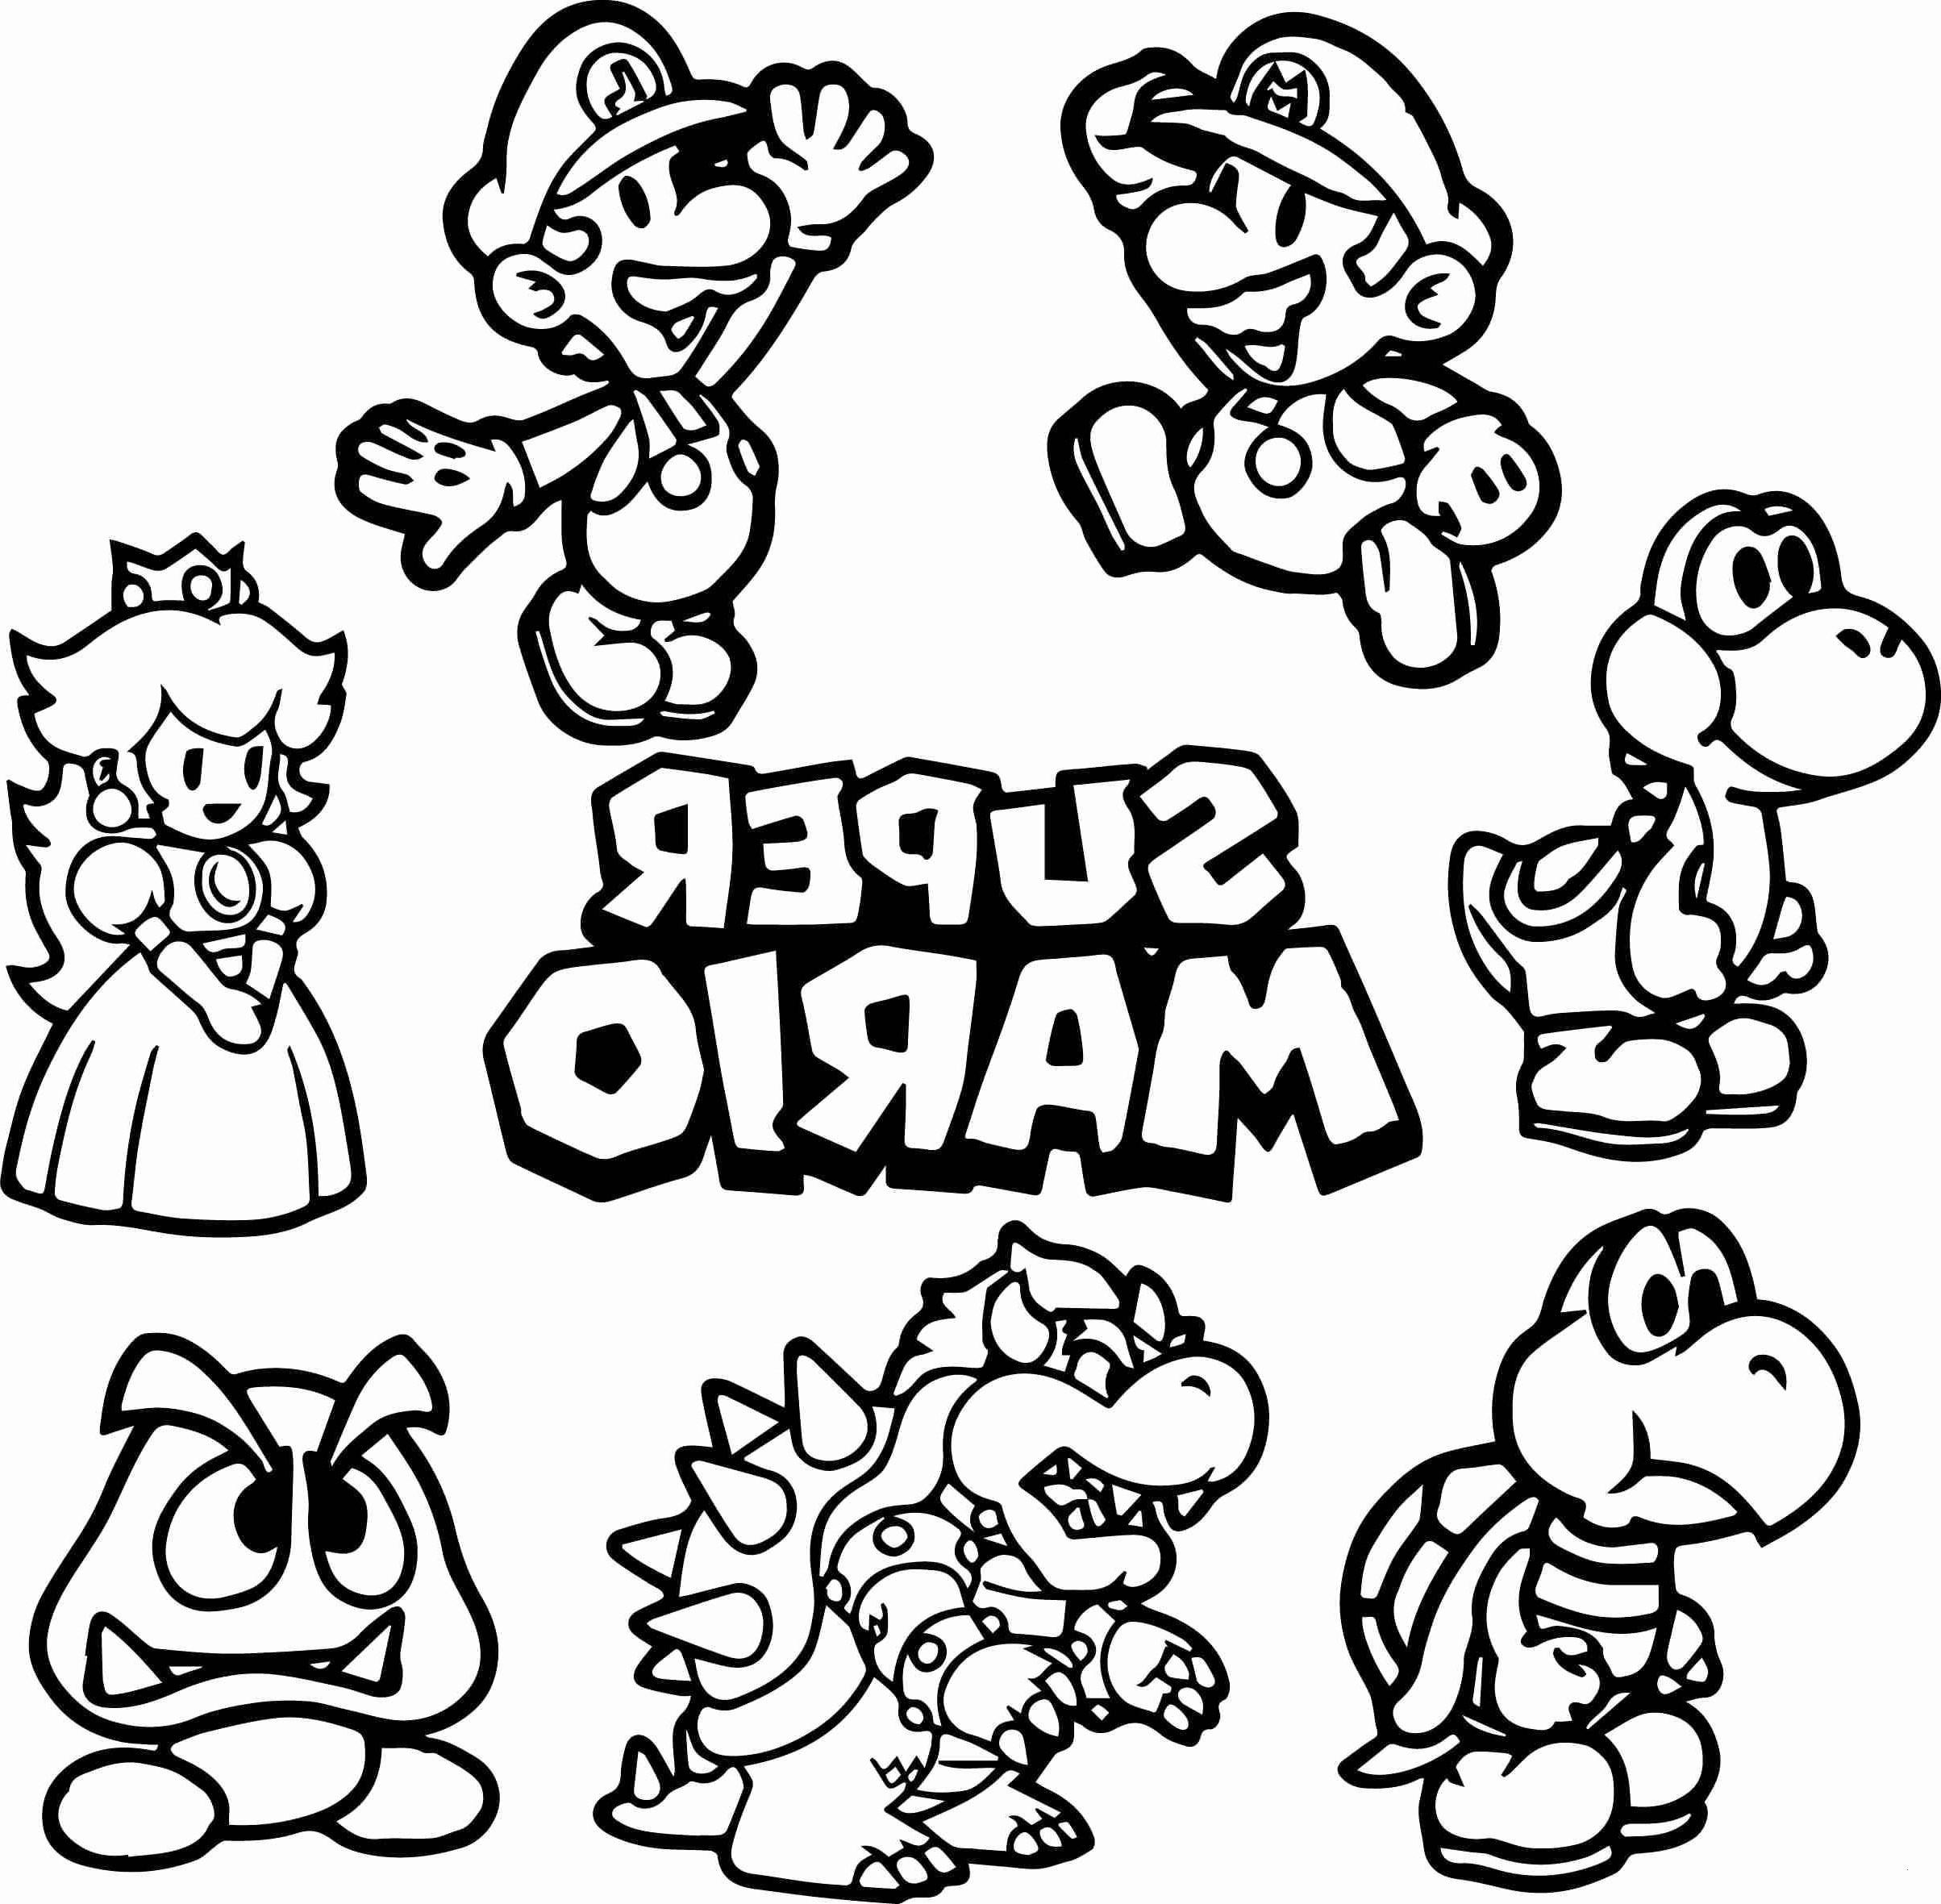 Ausmalbilder Super Mario 3d World Einzigartig 28 Inspirierend Ausmalbild Super Mario – Malvorlagen Ideen Galerie